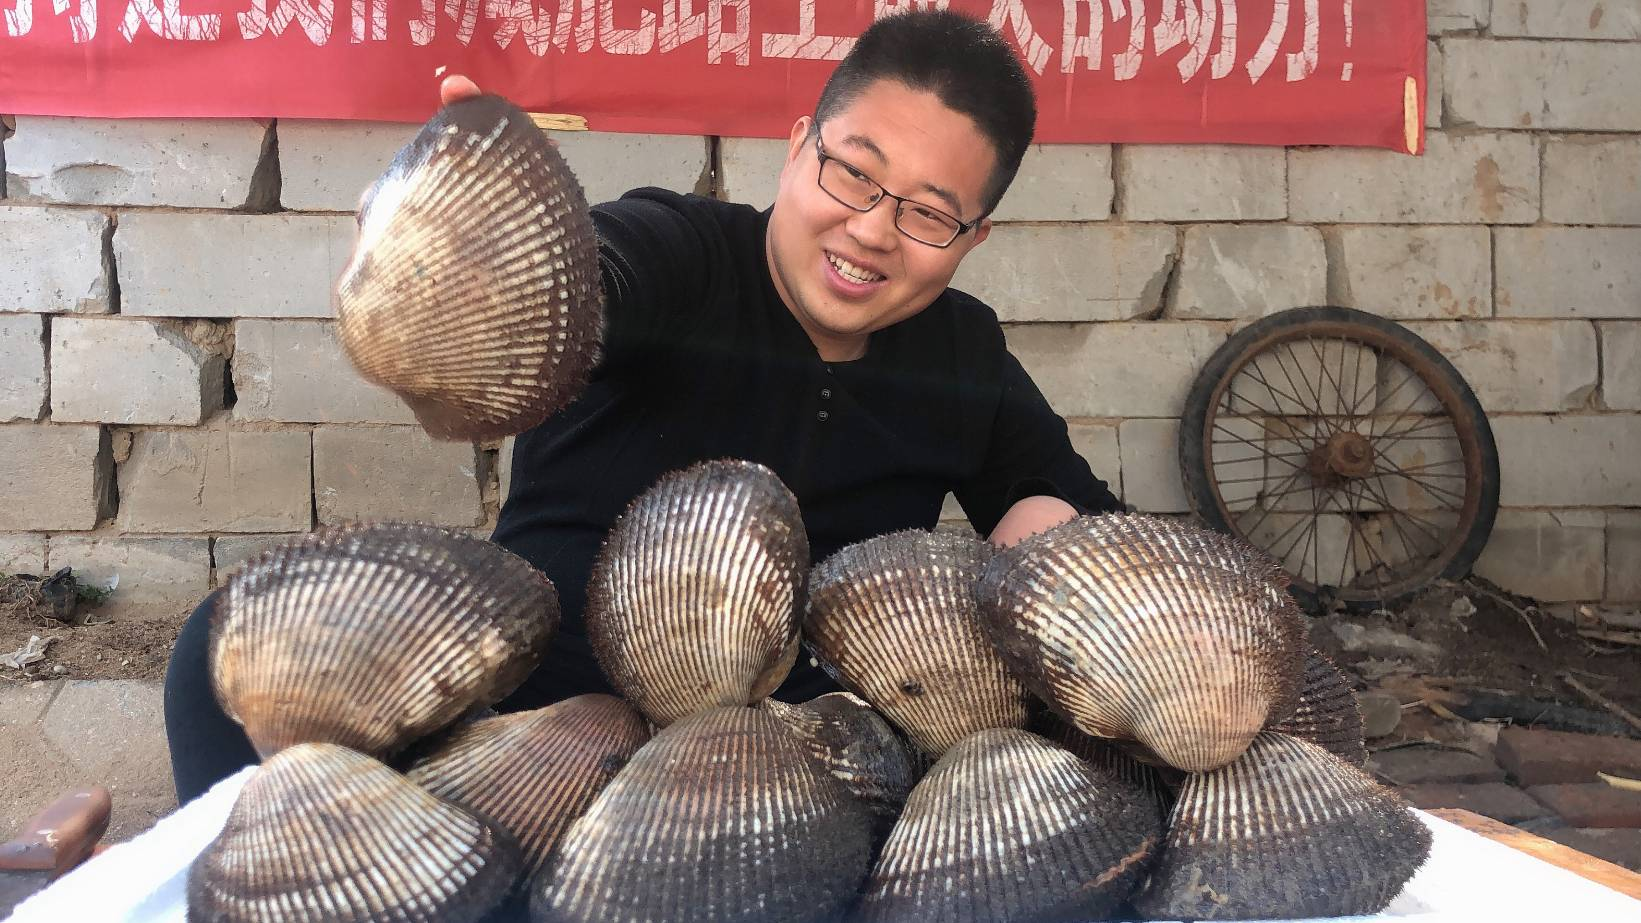 280买来18个超大血蛤,各个鲜嫩肥美,炭火爆烤,吃过瘾了!